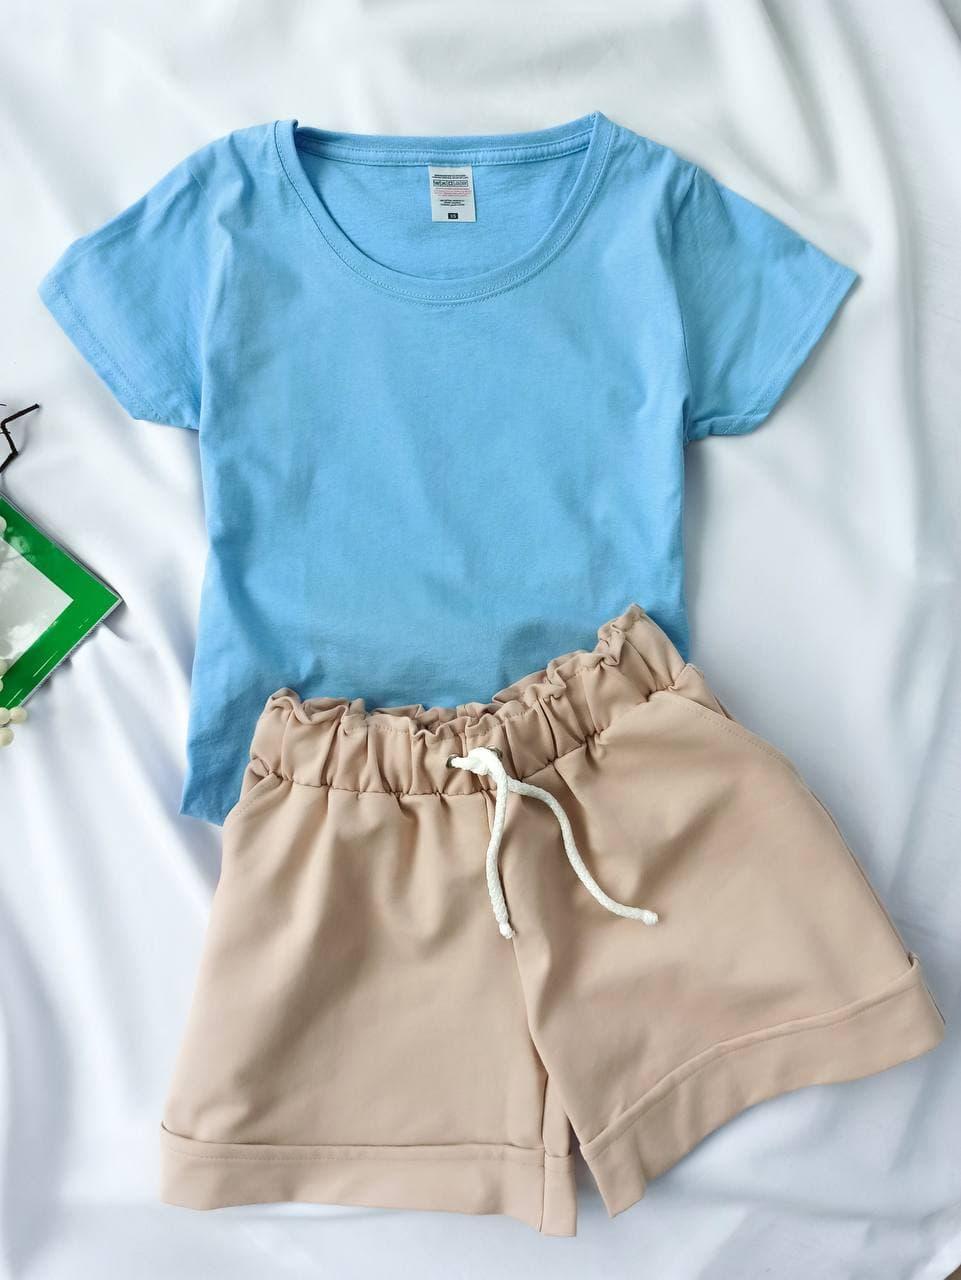 Комплект жіночий базовий (шорти і футболка). Жіночий літній костюм (блакитна футболка + бежеві шорти).